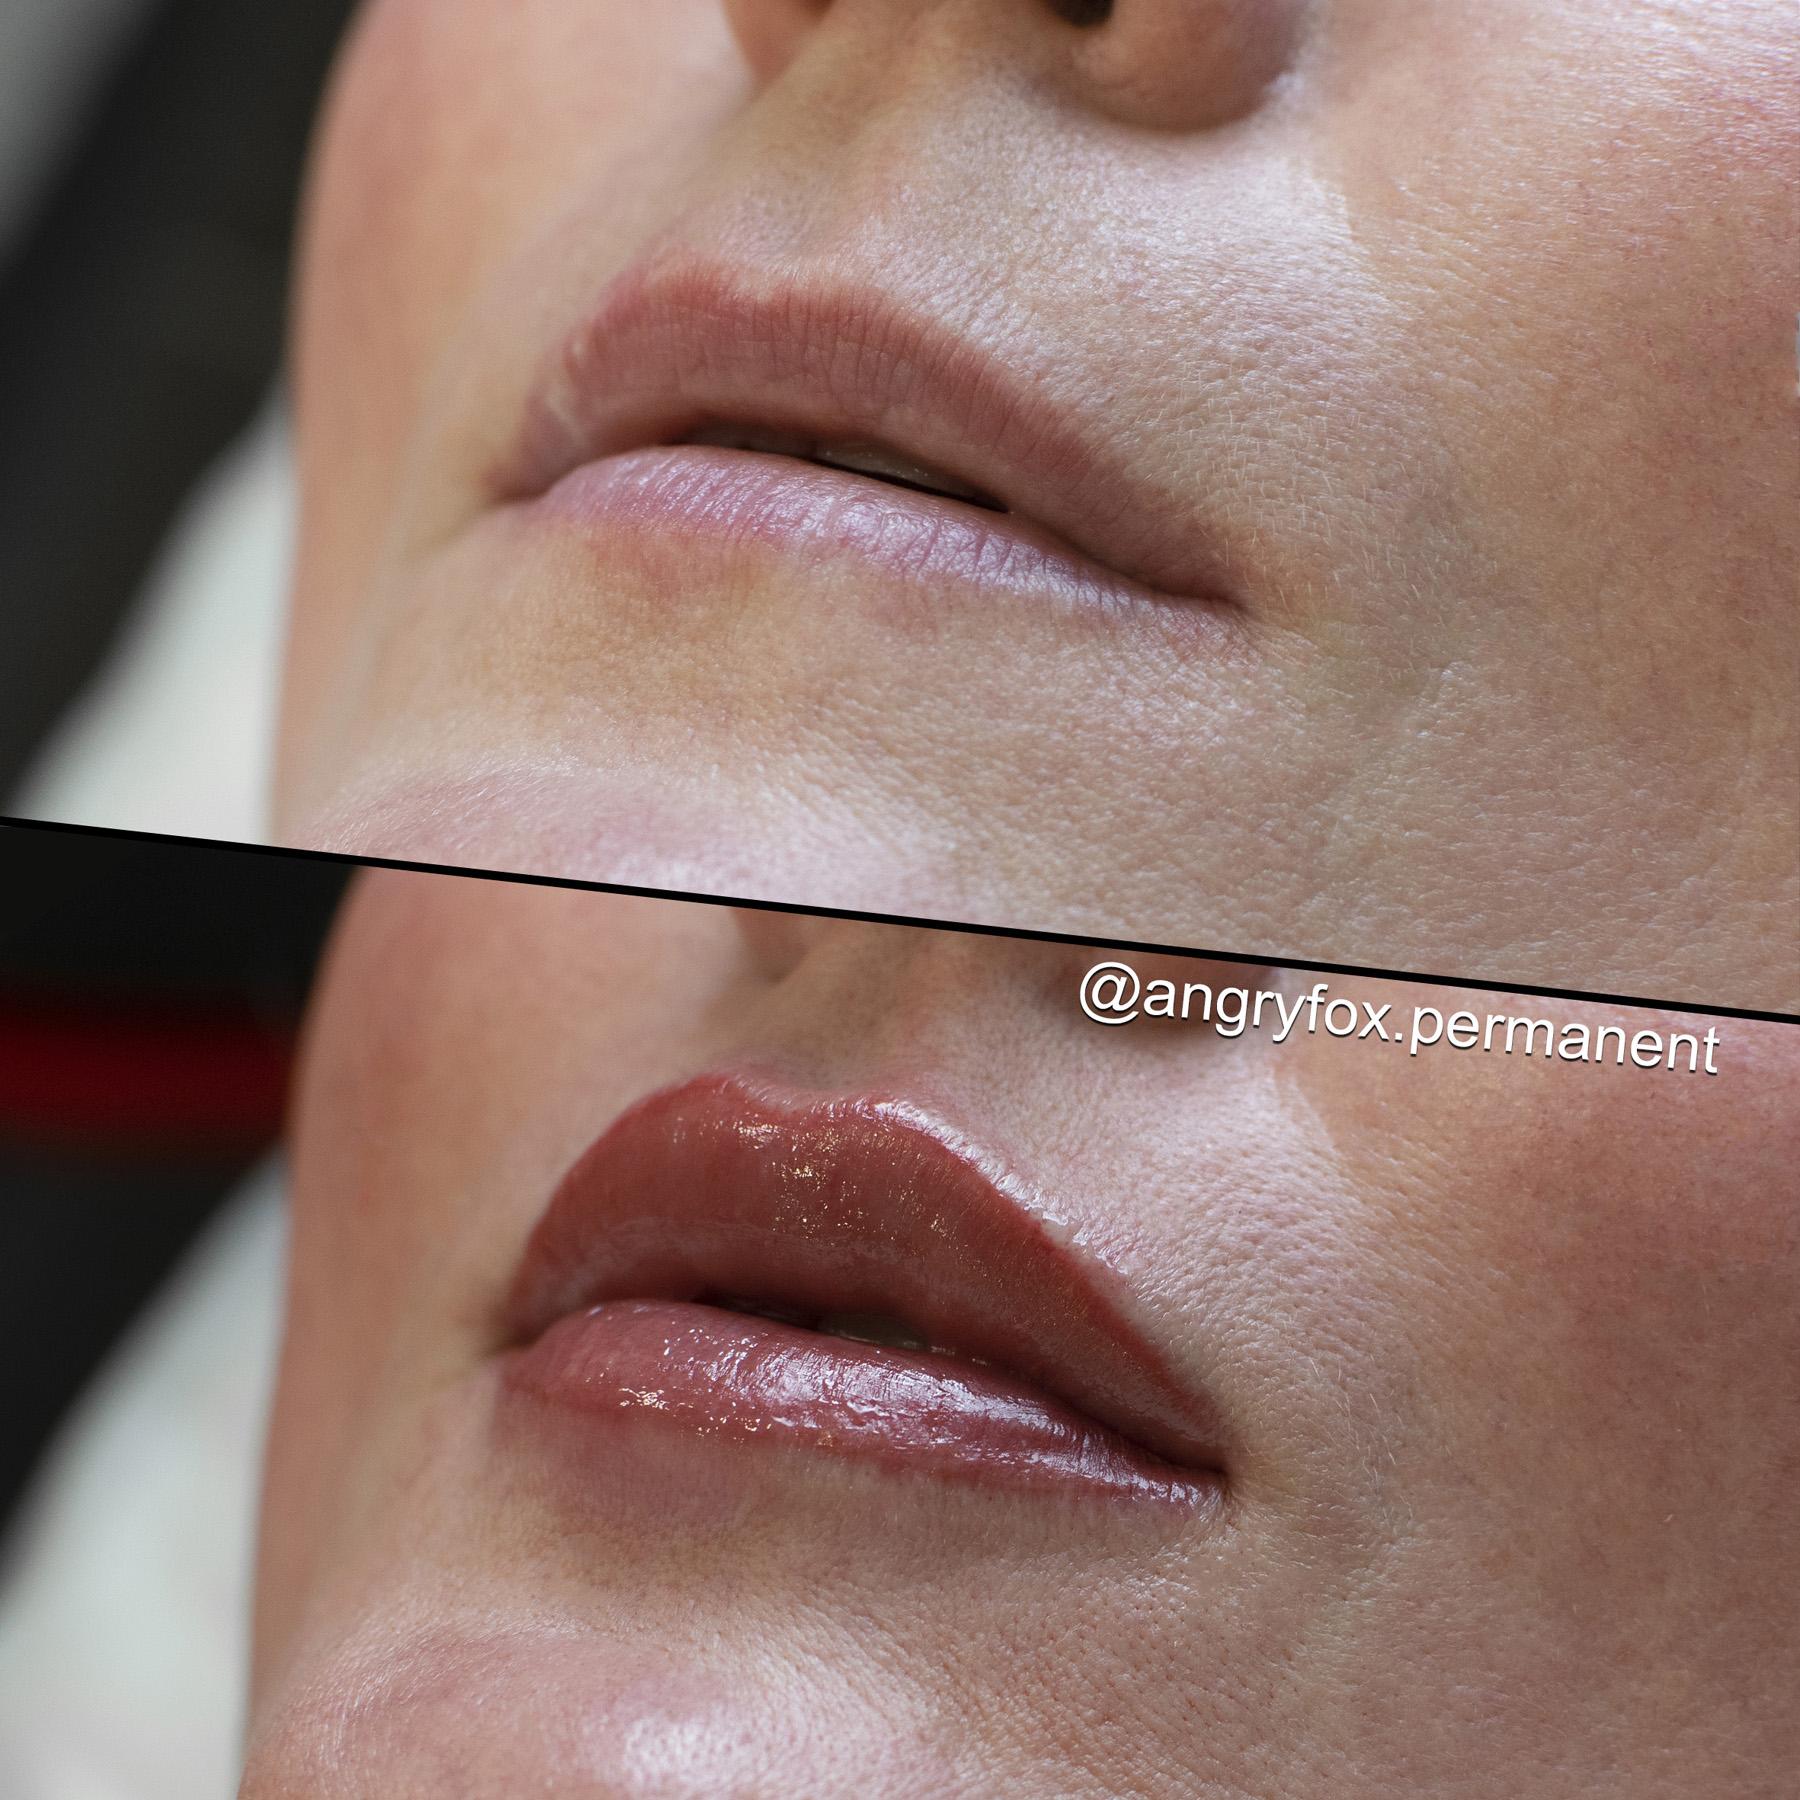 перманентный макияж, перманент, перманент губ, татуаж губ, губы, помада, контур губ